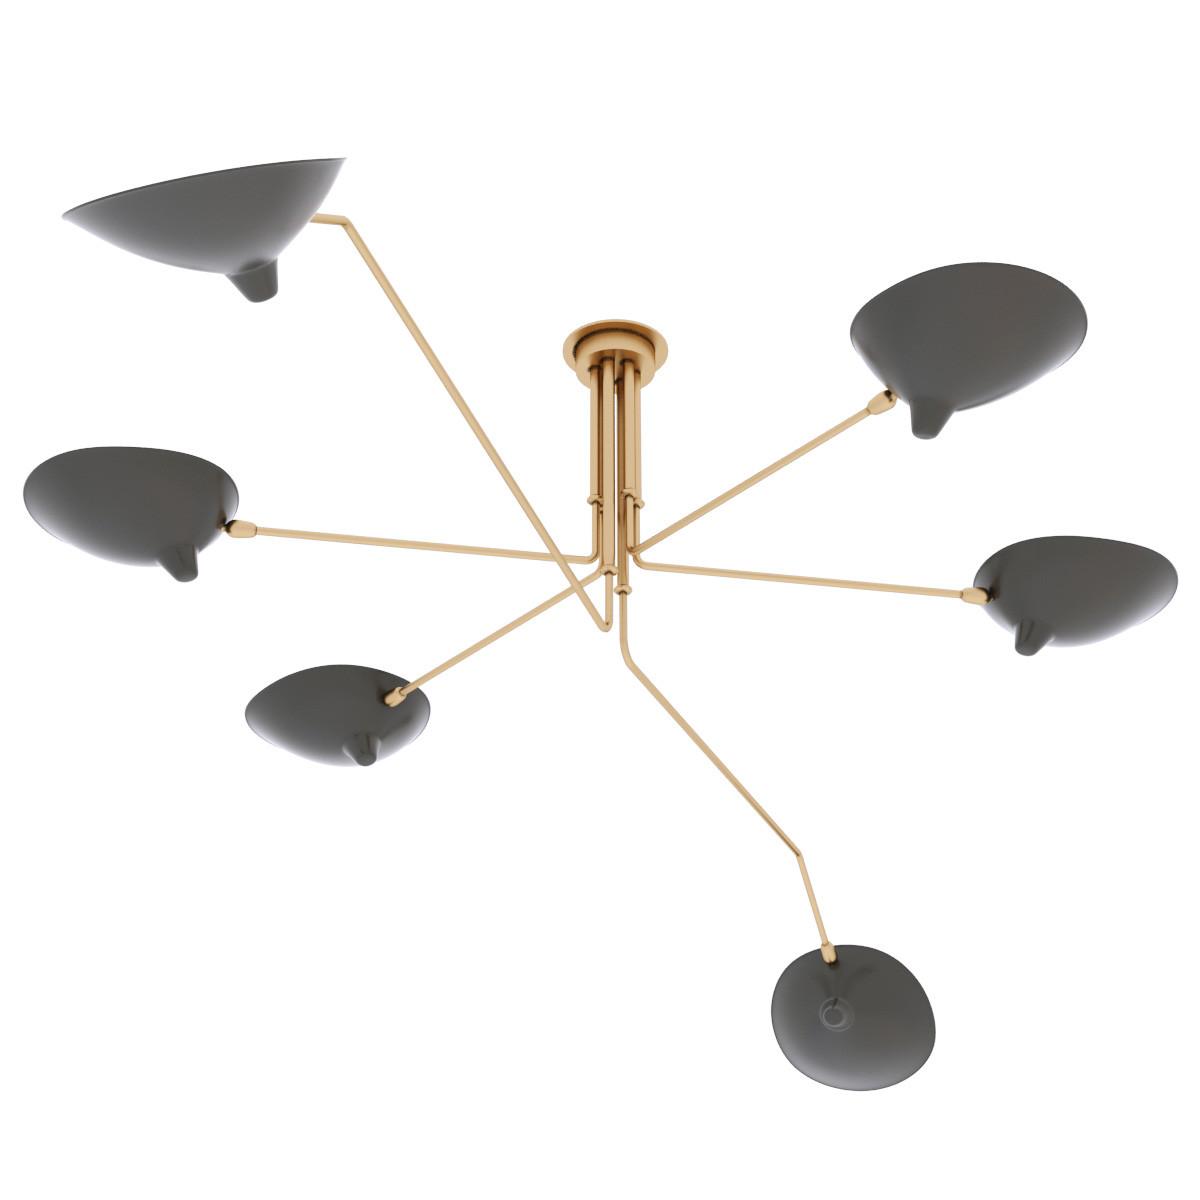 serge mouille ceiling 3d obj. Black Bedroom Furniture Sets. Home Design Ideas